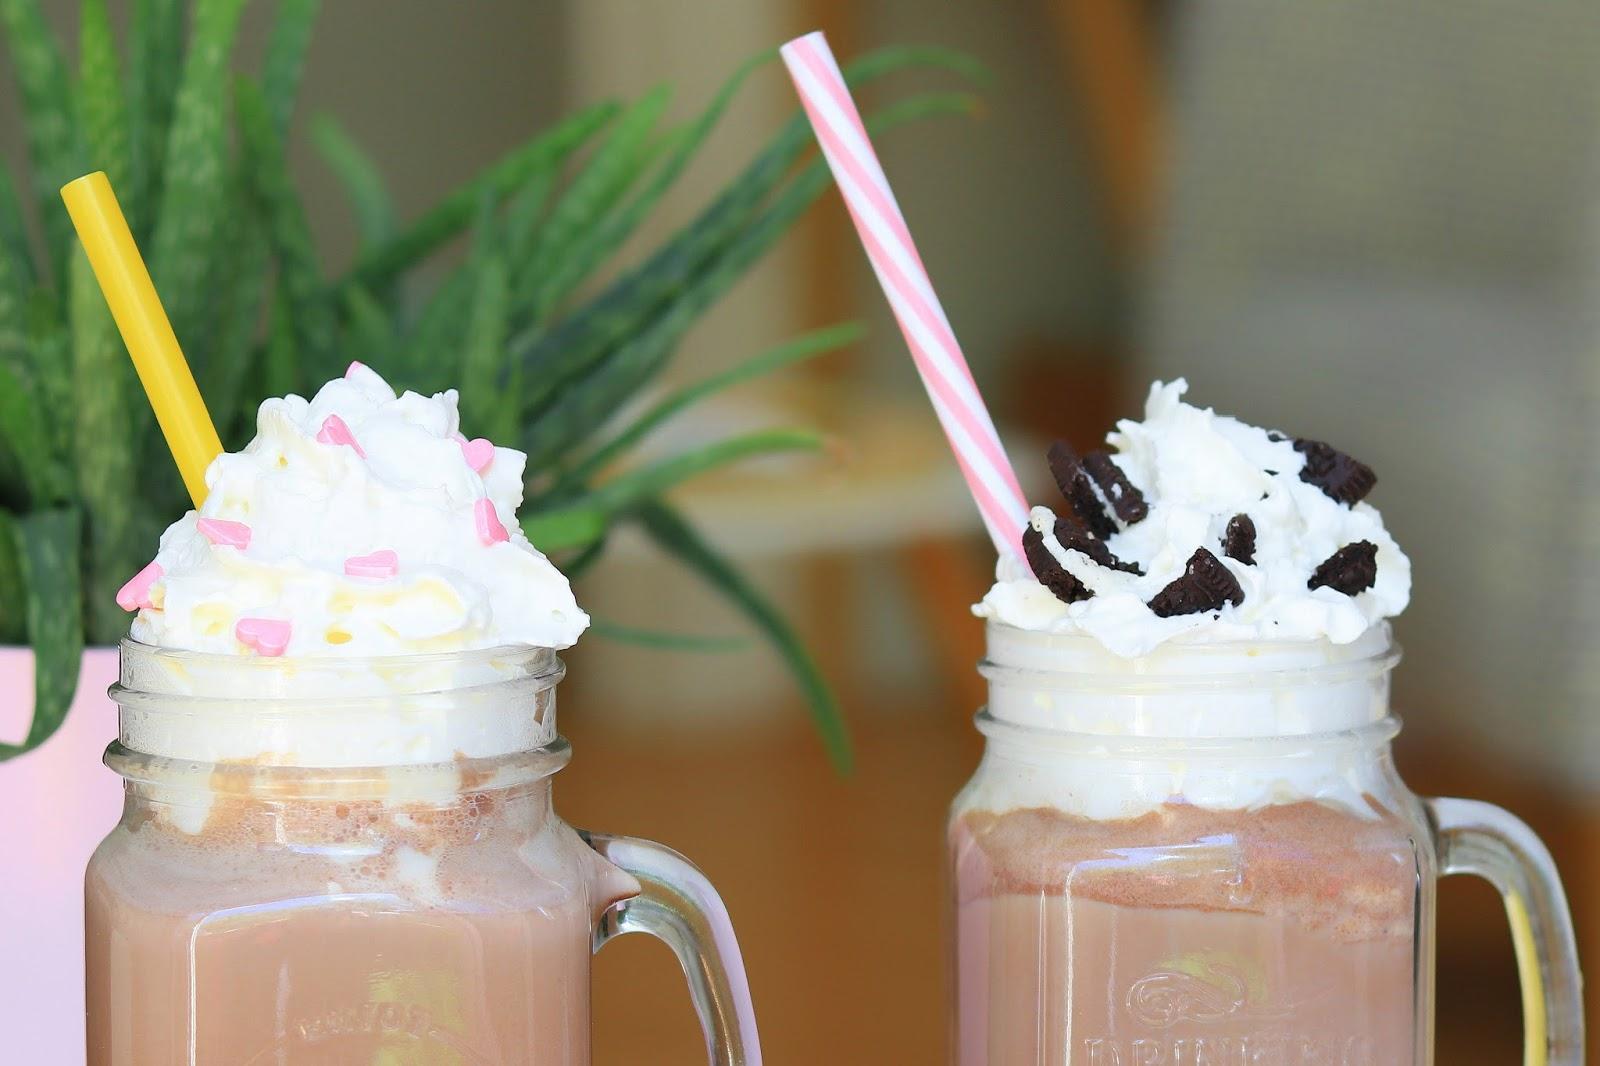 les gommettes de melo gommette milkshake chocolat recette facile café tasse concours gagner poudre cacao